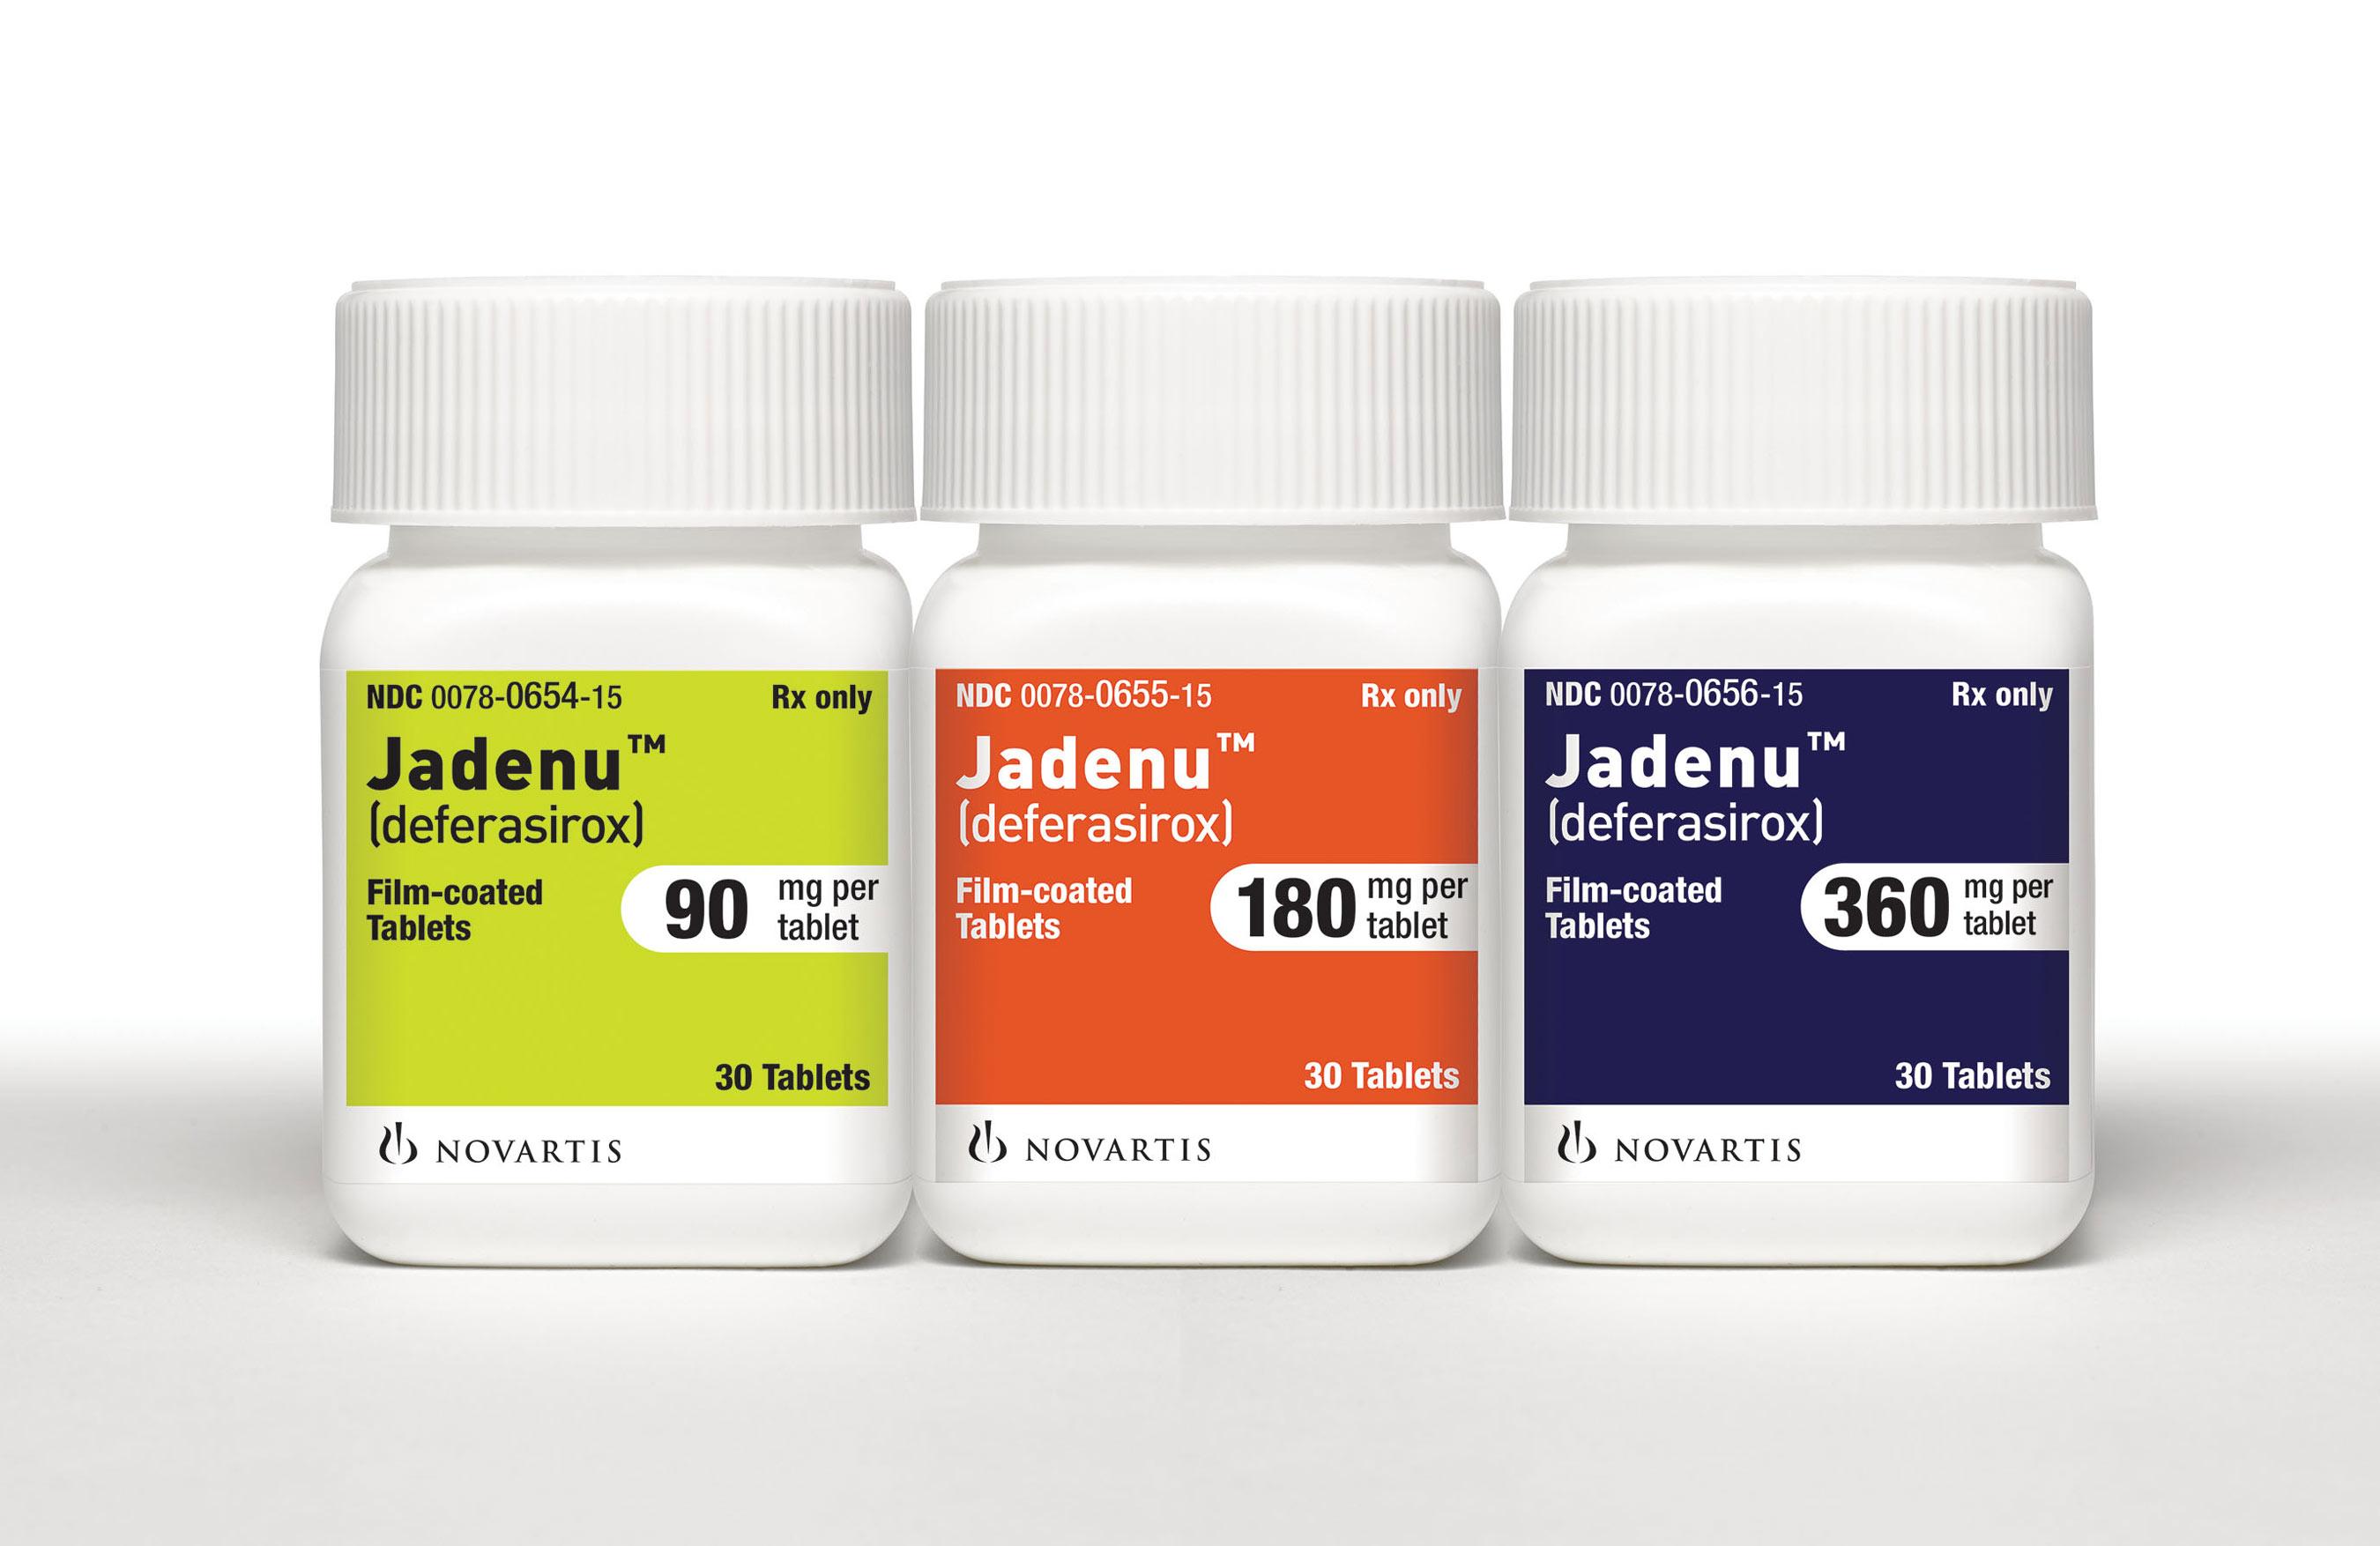 Novartis announces FDA approval for JadenuTM to simplify ...